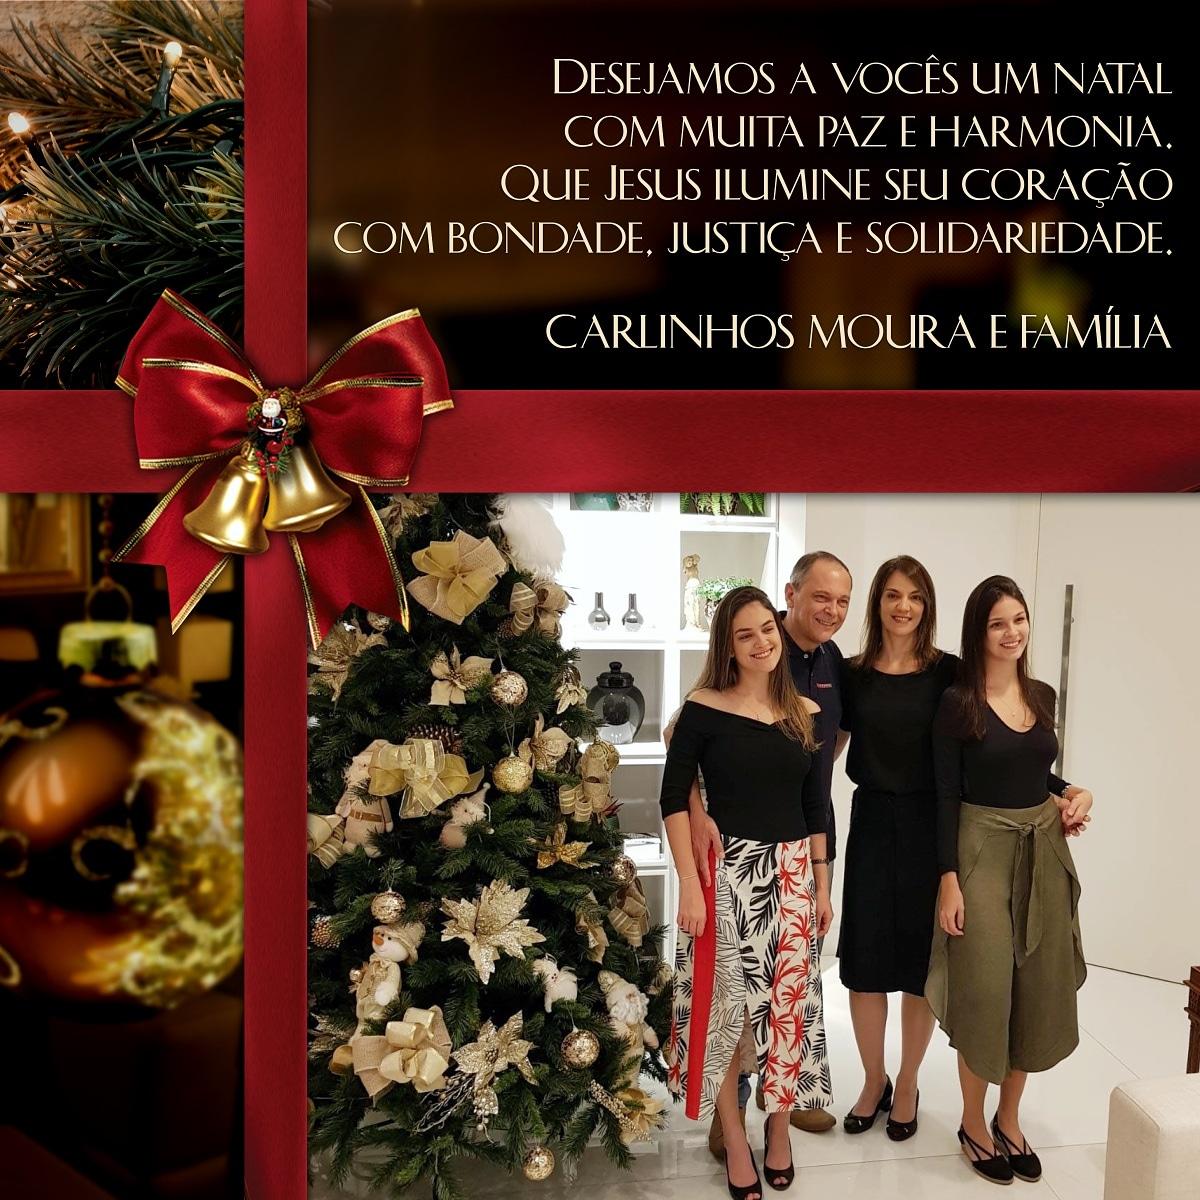 Carlinhos Moura deseja em Feliz Natal a todos os brumadenses